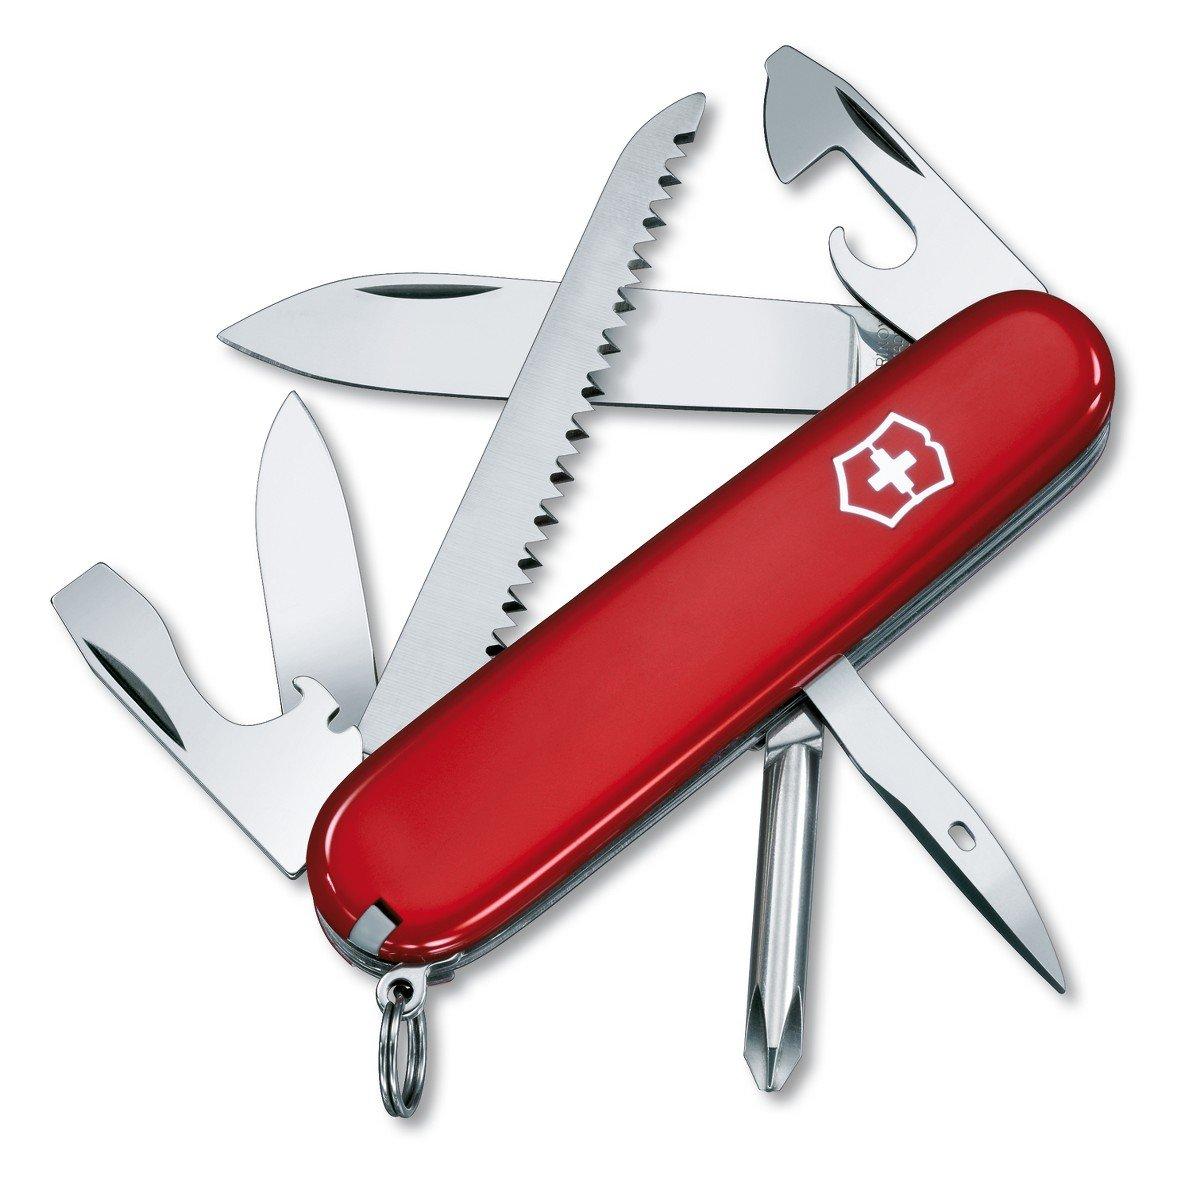 Victorinox Hiker - Cuchillo, Rojo, Acero inoxidable, 7 funciones 1461300